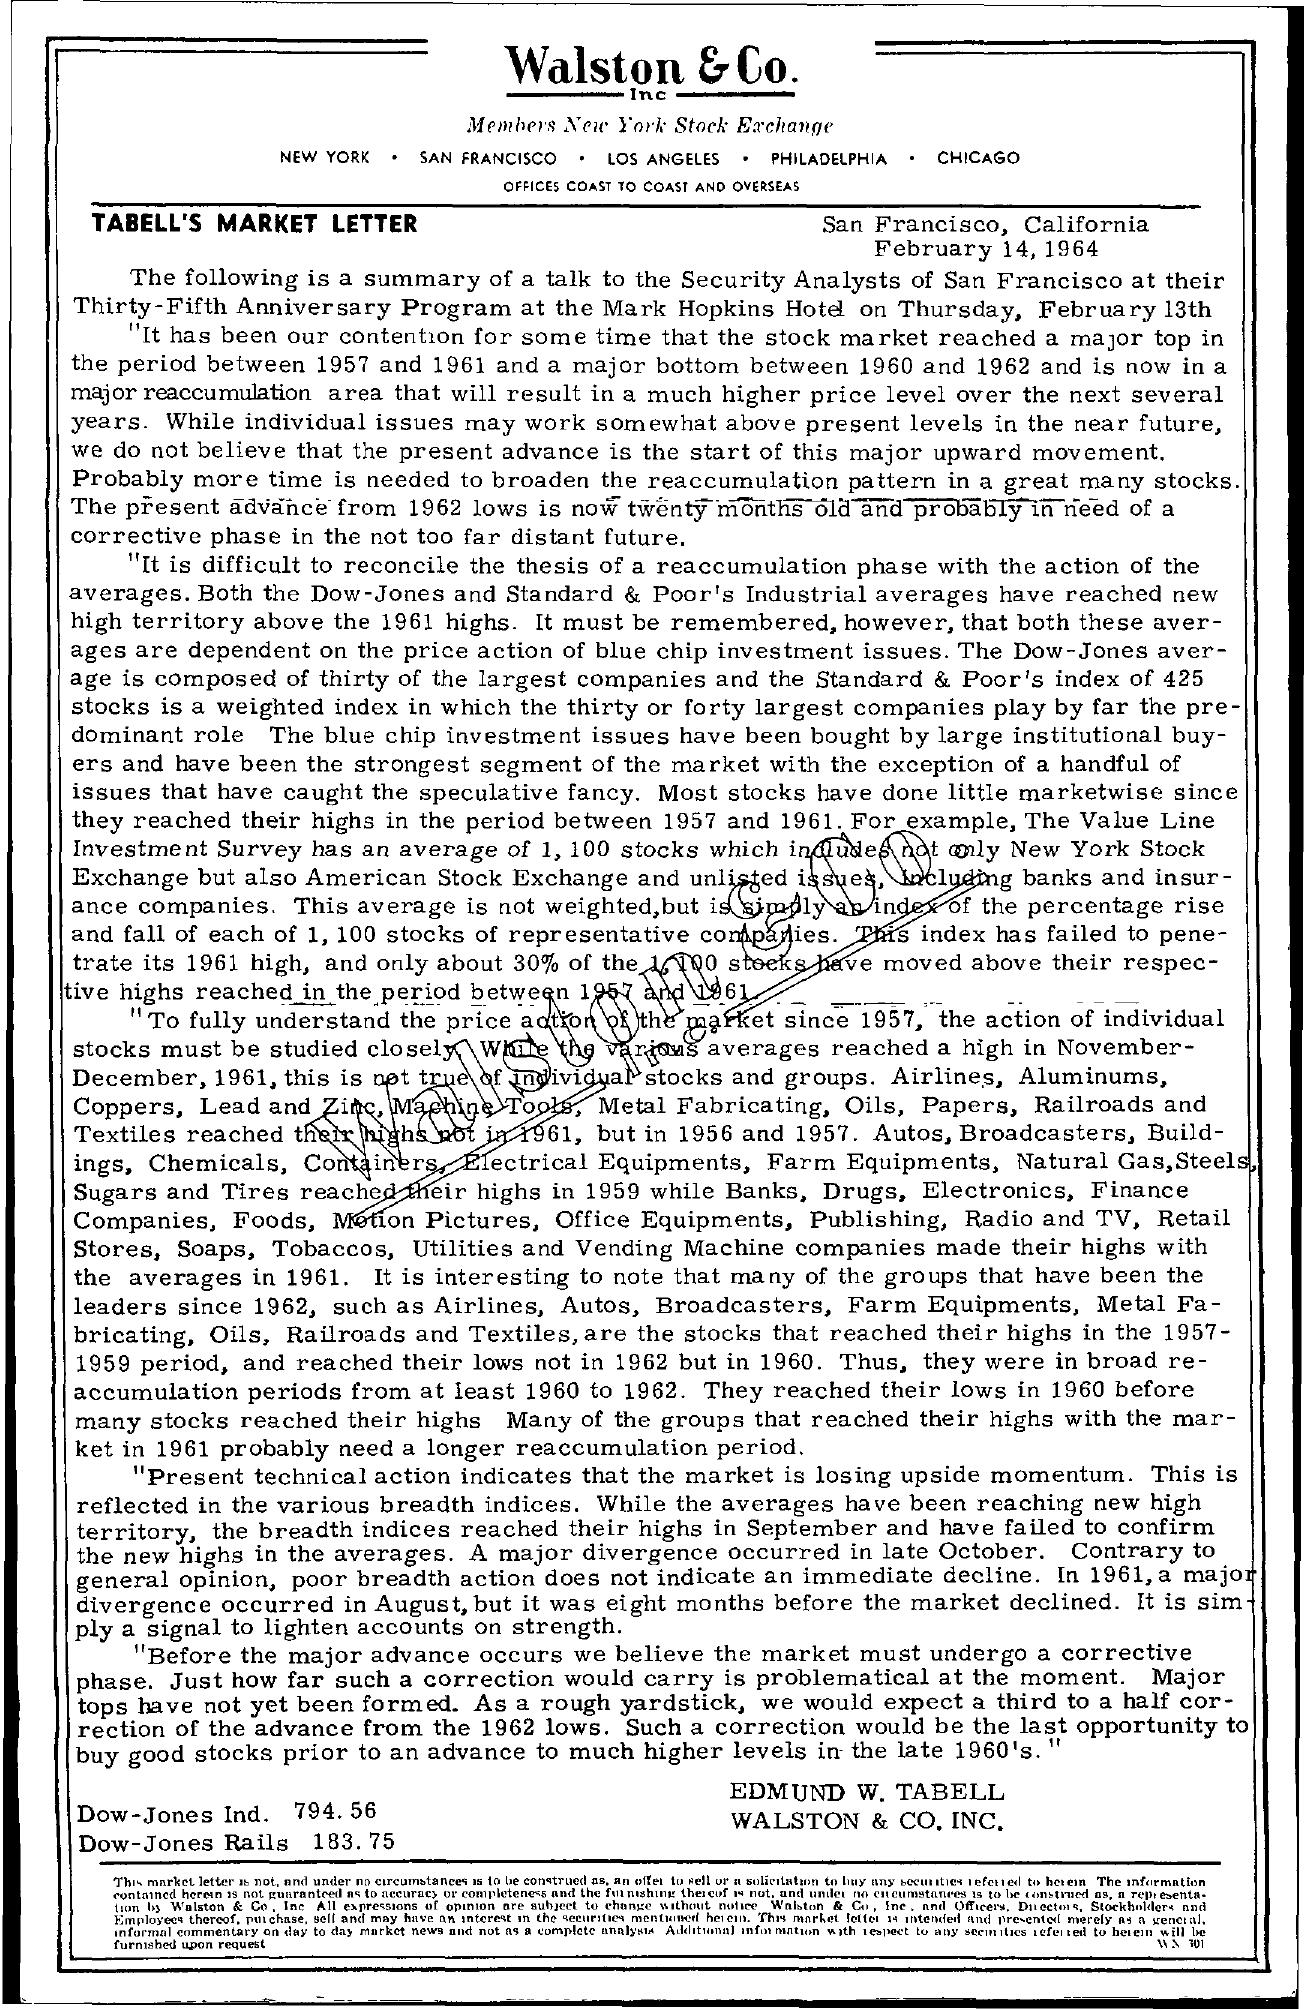 Tabell's Market Letter - February 14, 1964